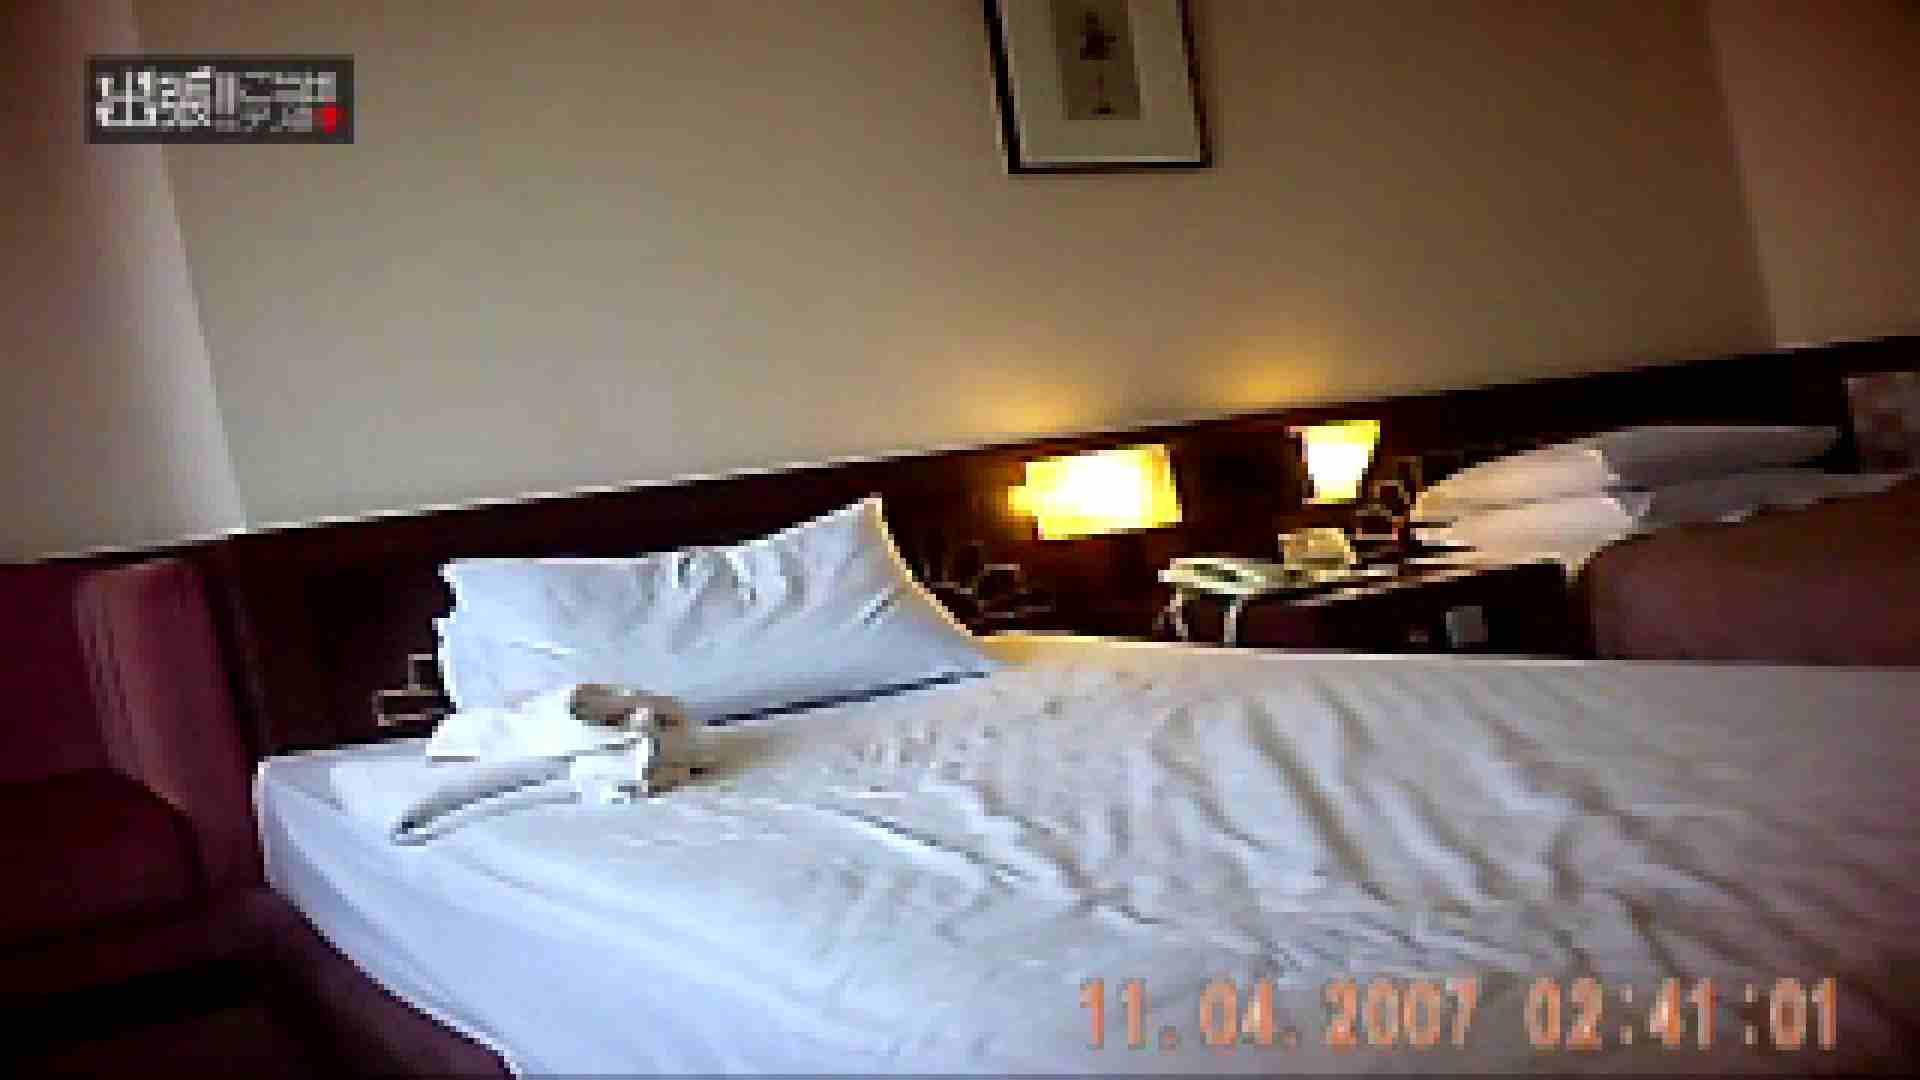 出張リーマンのデリ嬢隠し撮り第2弾 隠撮 セックス無修正動画無料 108枚 3